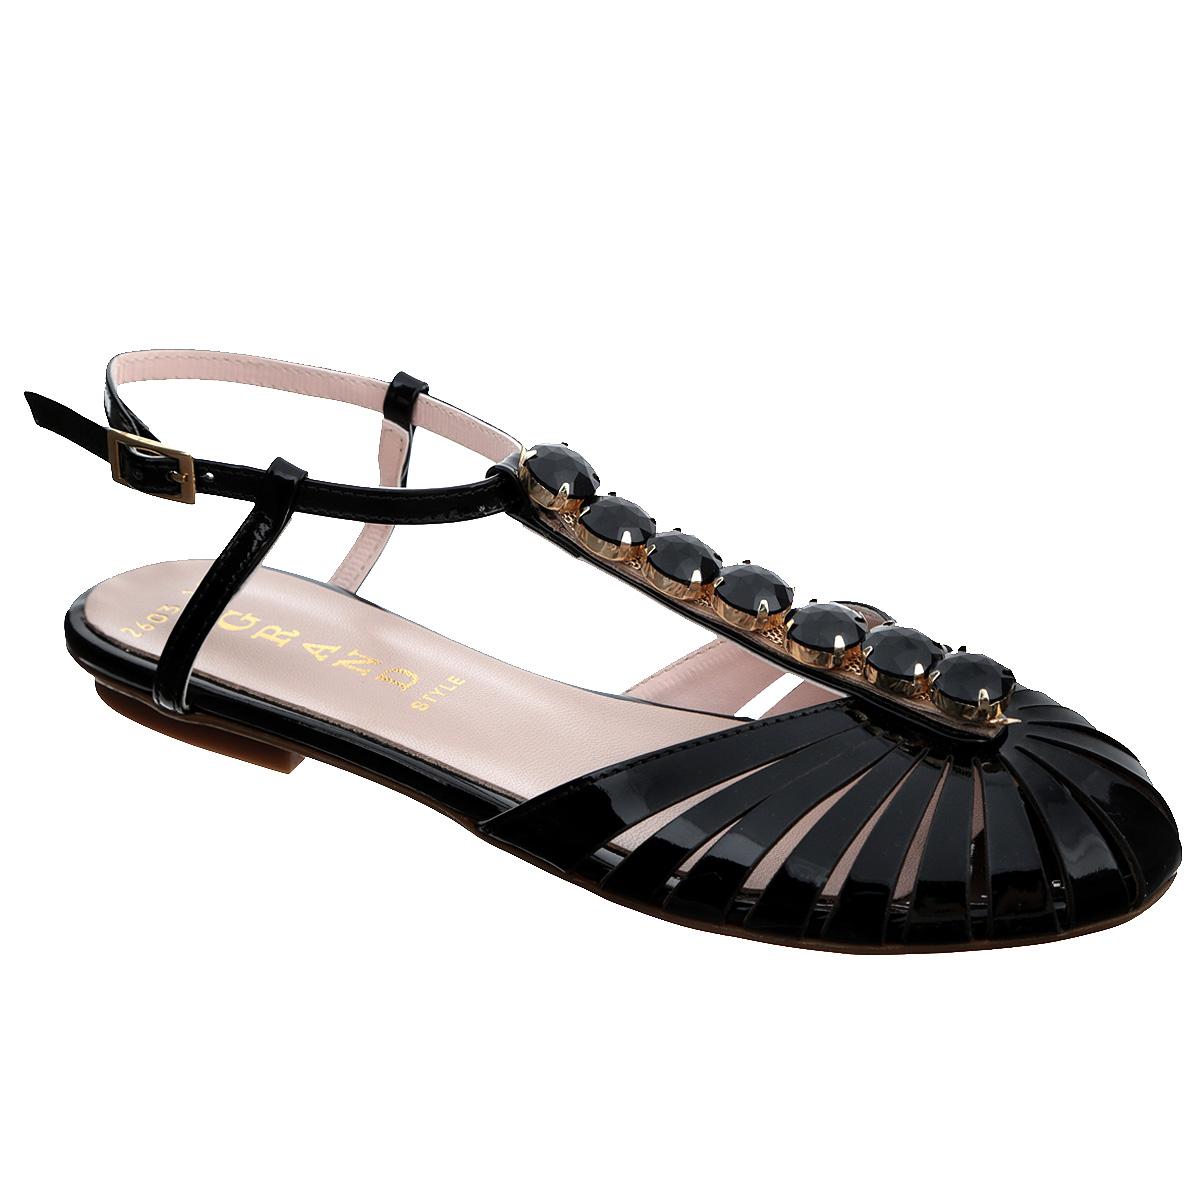 Сандалии женские. 2603-162603-16Роскошные женские сандалии от Grand Style не оставят вас незамеченной! Модель выполнена из натуральной лакированной кожи. Мысок с прорезями смотрится невероятно стильно. Ремешок на подъеме оформлен крупными искусственными камнями в металлической оправе. Ремешок с прямоугольной металлической пряжкой прочно зафиксирует модель на вашей щиколотке. Длина ремешка регулируется за счет болта. Стелька из натуральной кожи обеспечивает максимальный комфорт при движении. Низкий каблук и подошва с рифлением не скользят. Модные сандалии прекрасно дополнят ваш летний наряд.